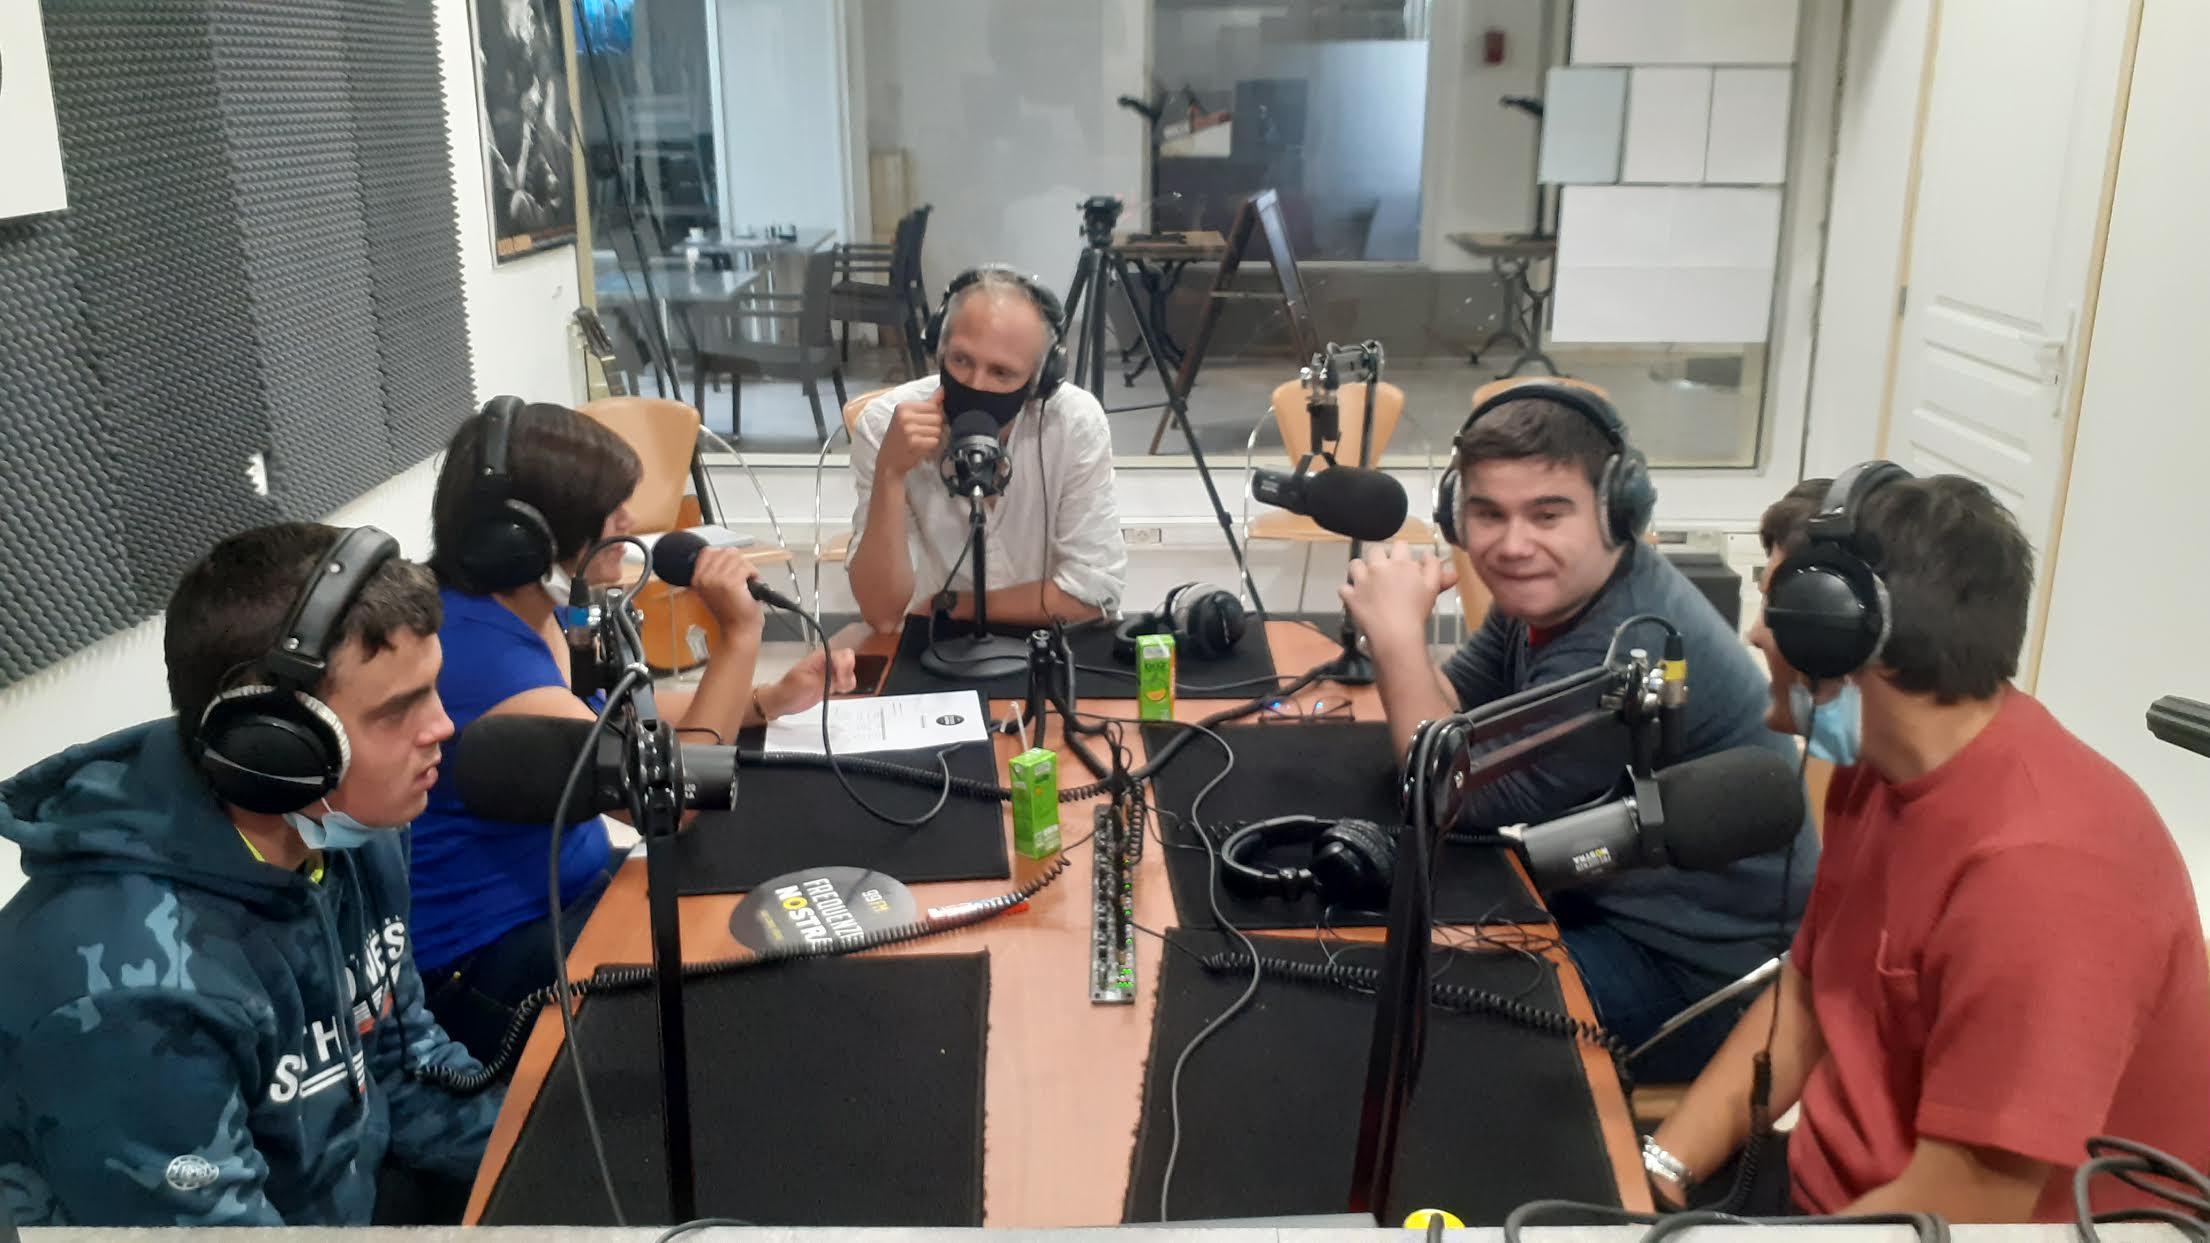 Ajaccio : quand la radio devient un outil en faveur de l'inclusion